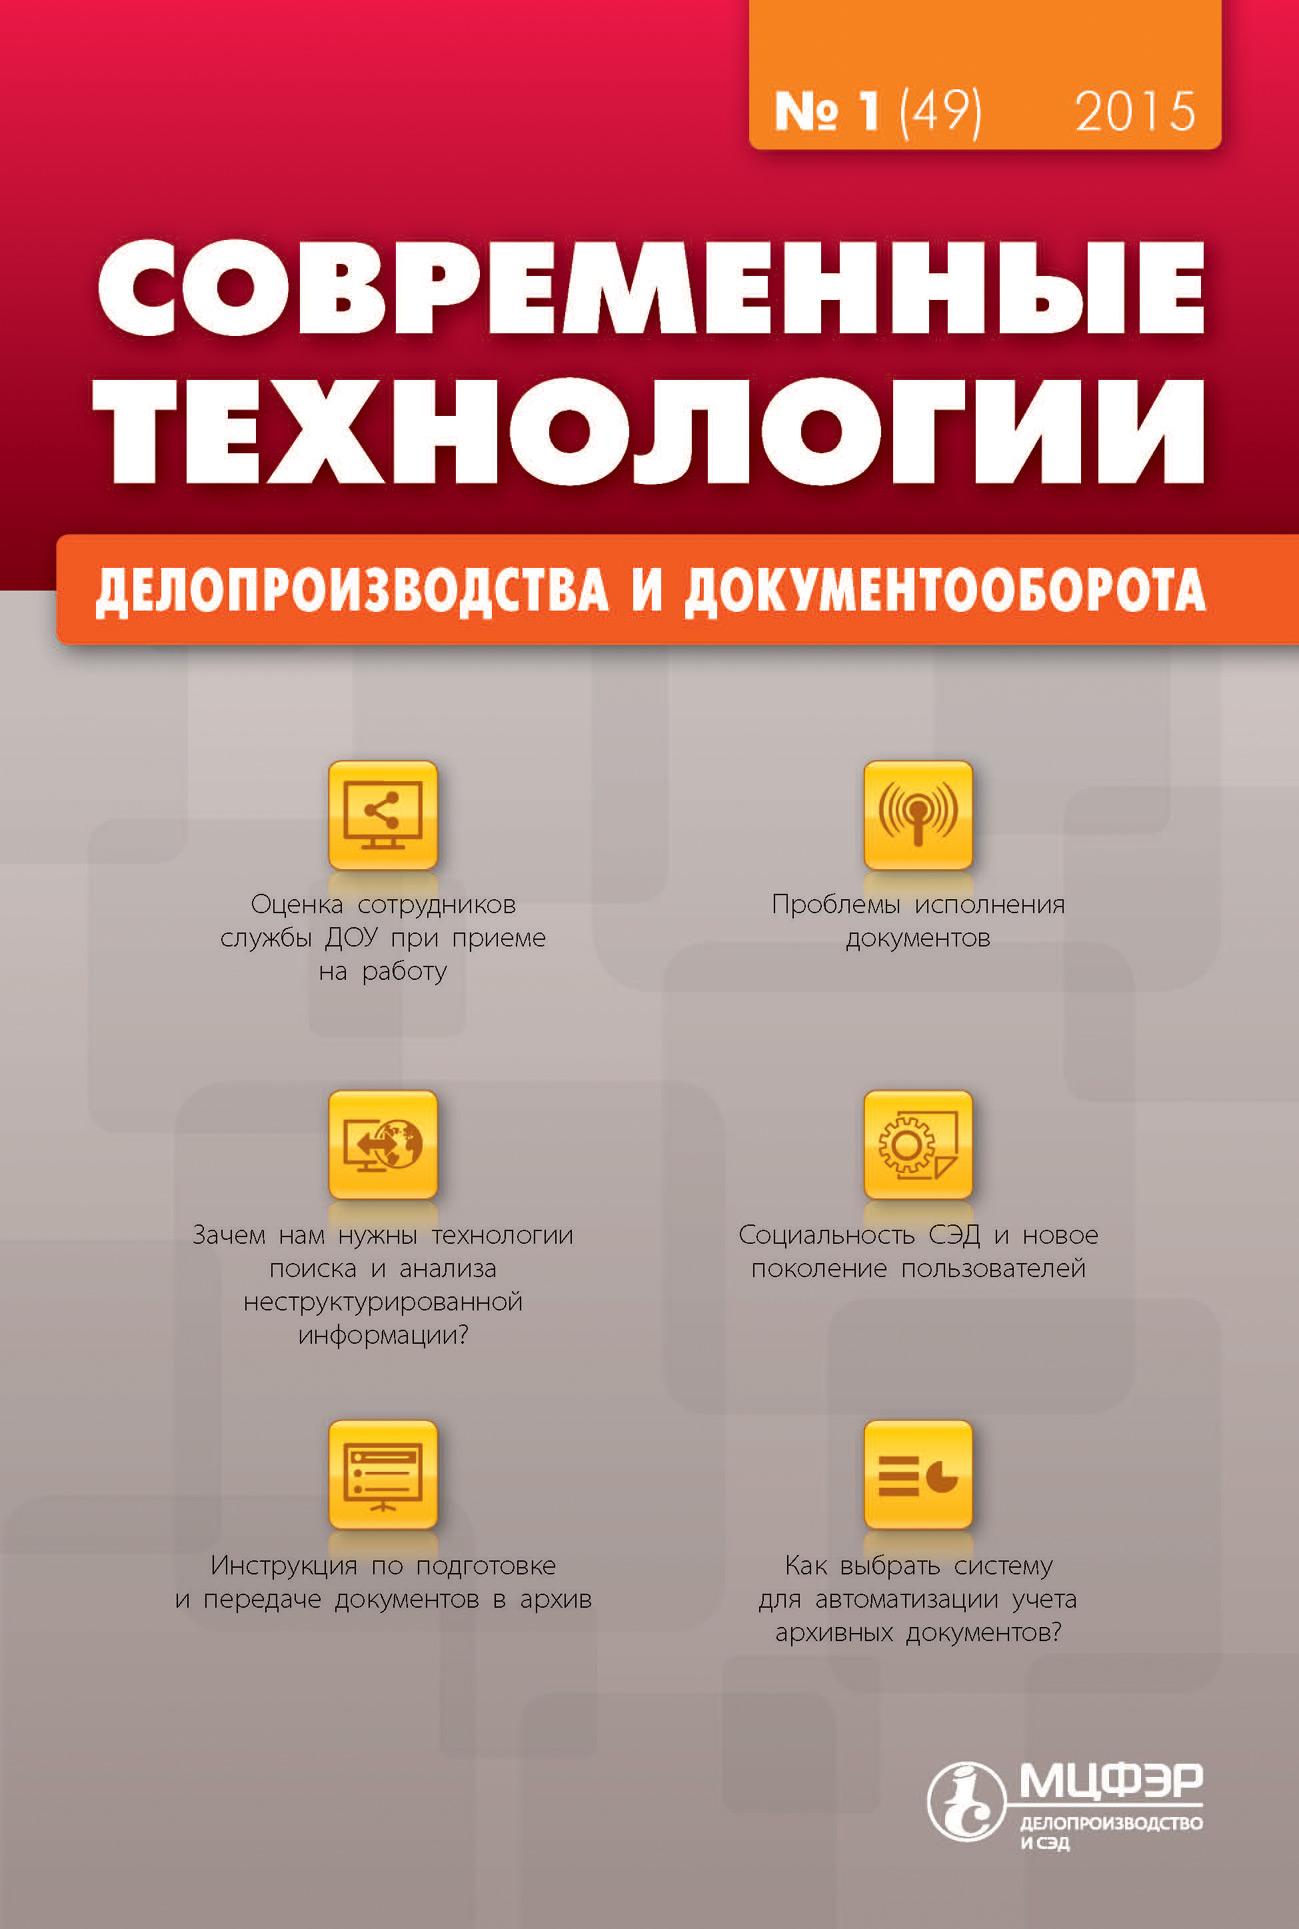 Отсутствует Современные технологии делопроизводства и документооборота № 1 49 2015